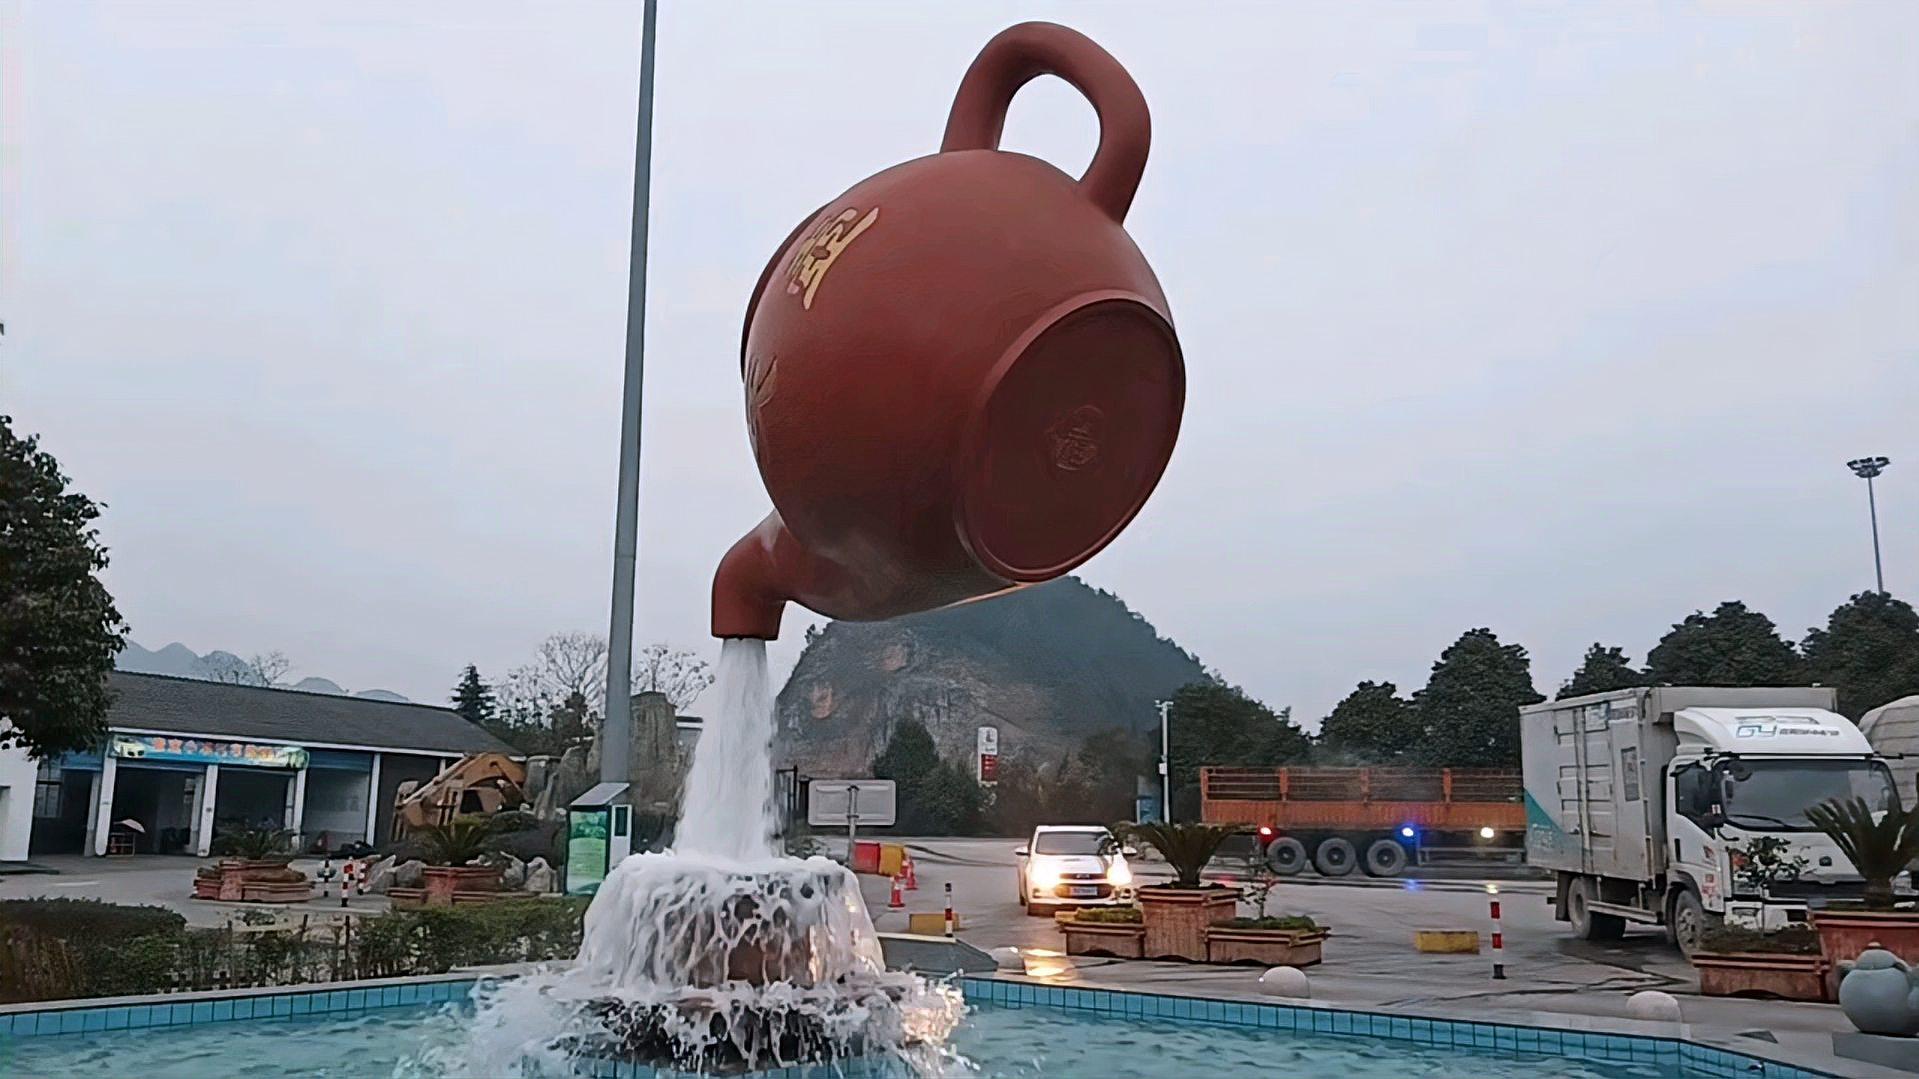 贵州省贵定县天福奇妙的茶壶造形成为网红打卡地